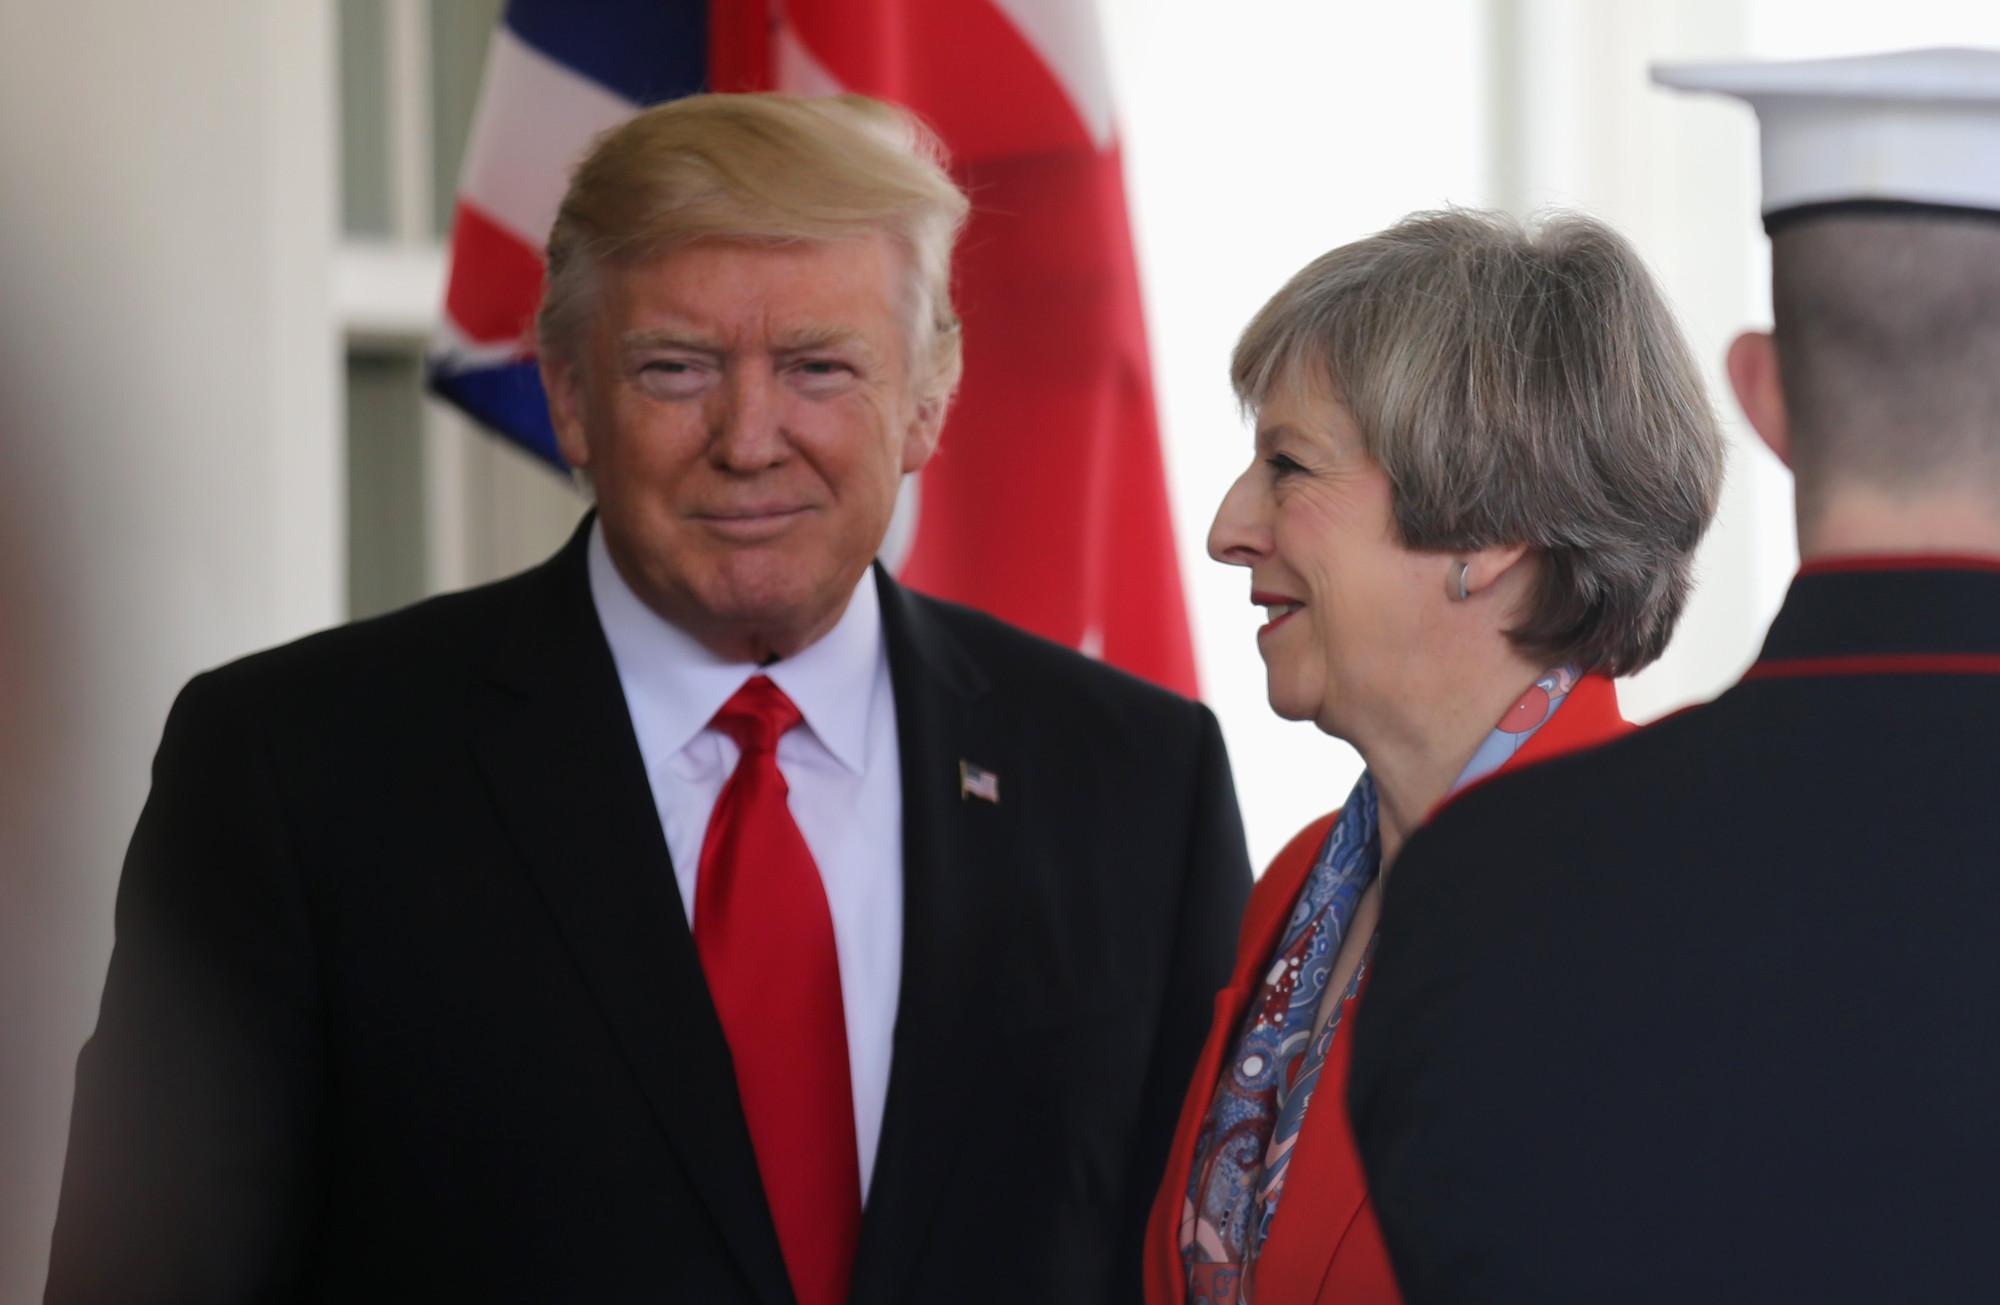 روزنامه انگلیسی ایندیپندنت: تا زمانی که ترامپ روی کار است، نباید به اتحاد با دولت آمریکا دلخوش بود